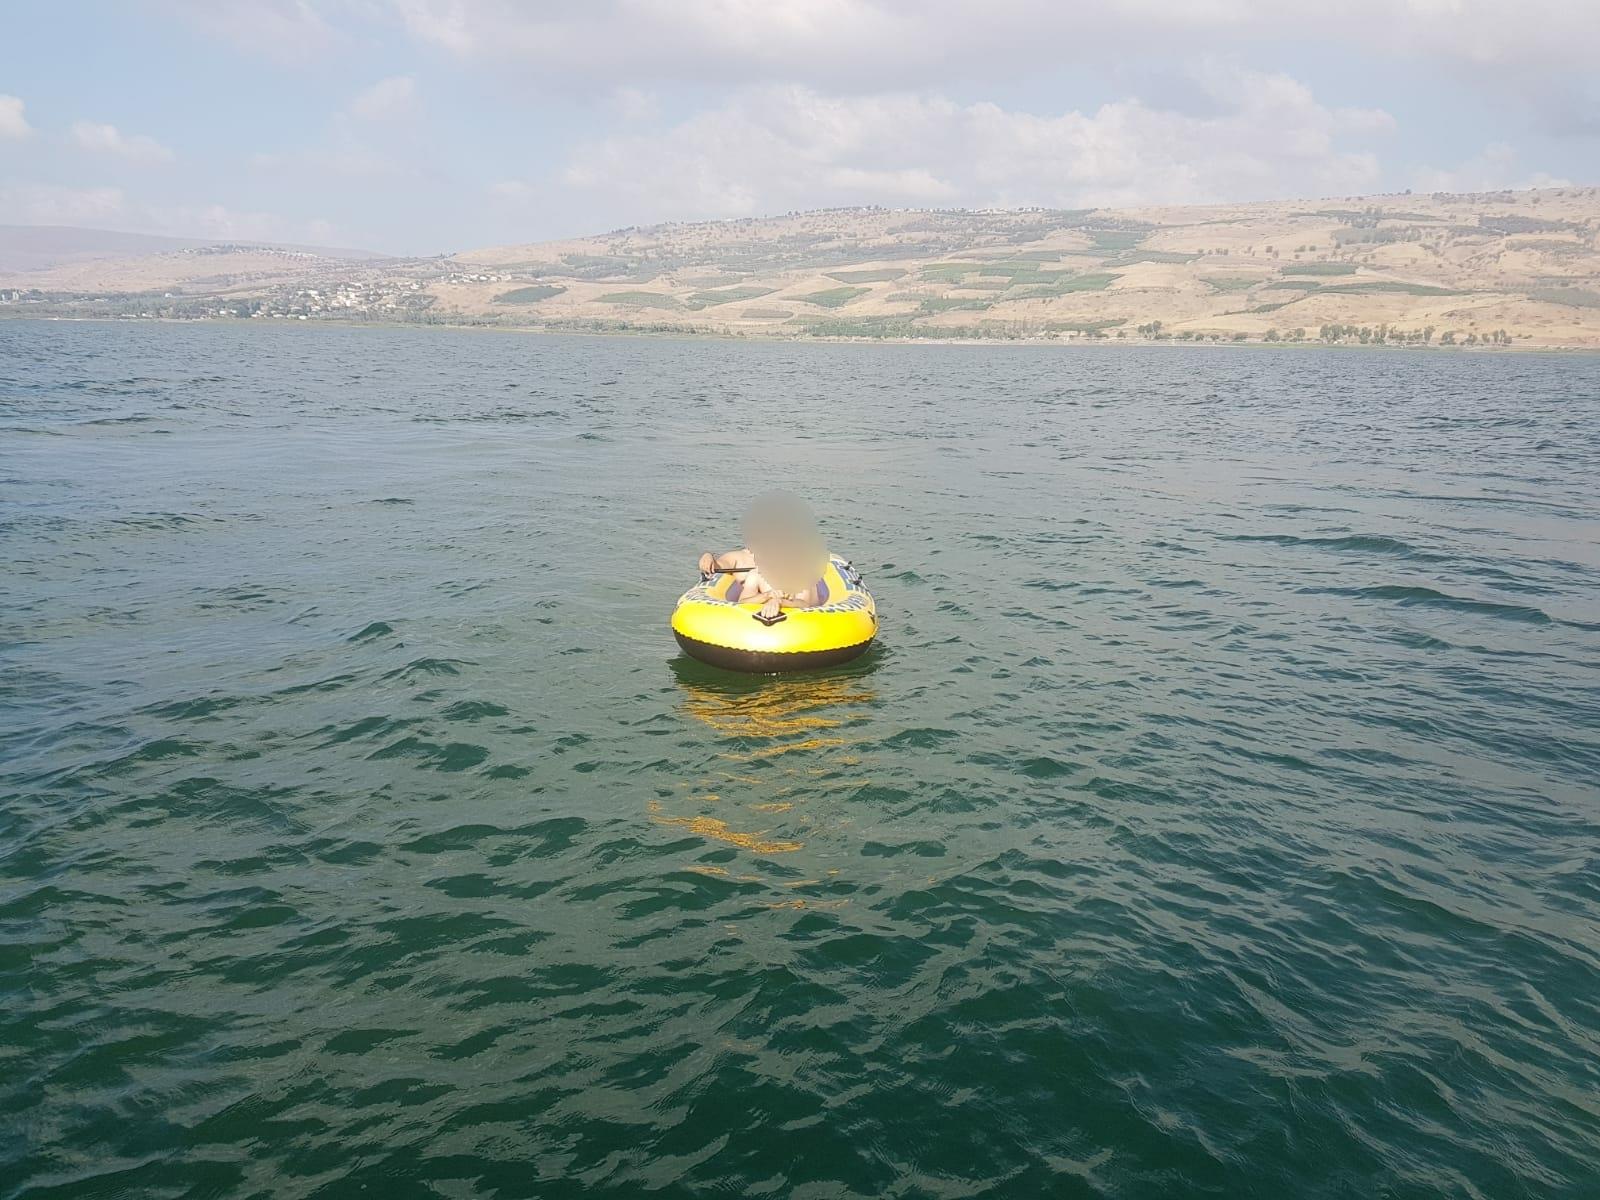 סירה נשחפה